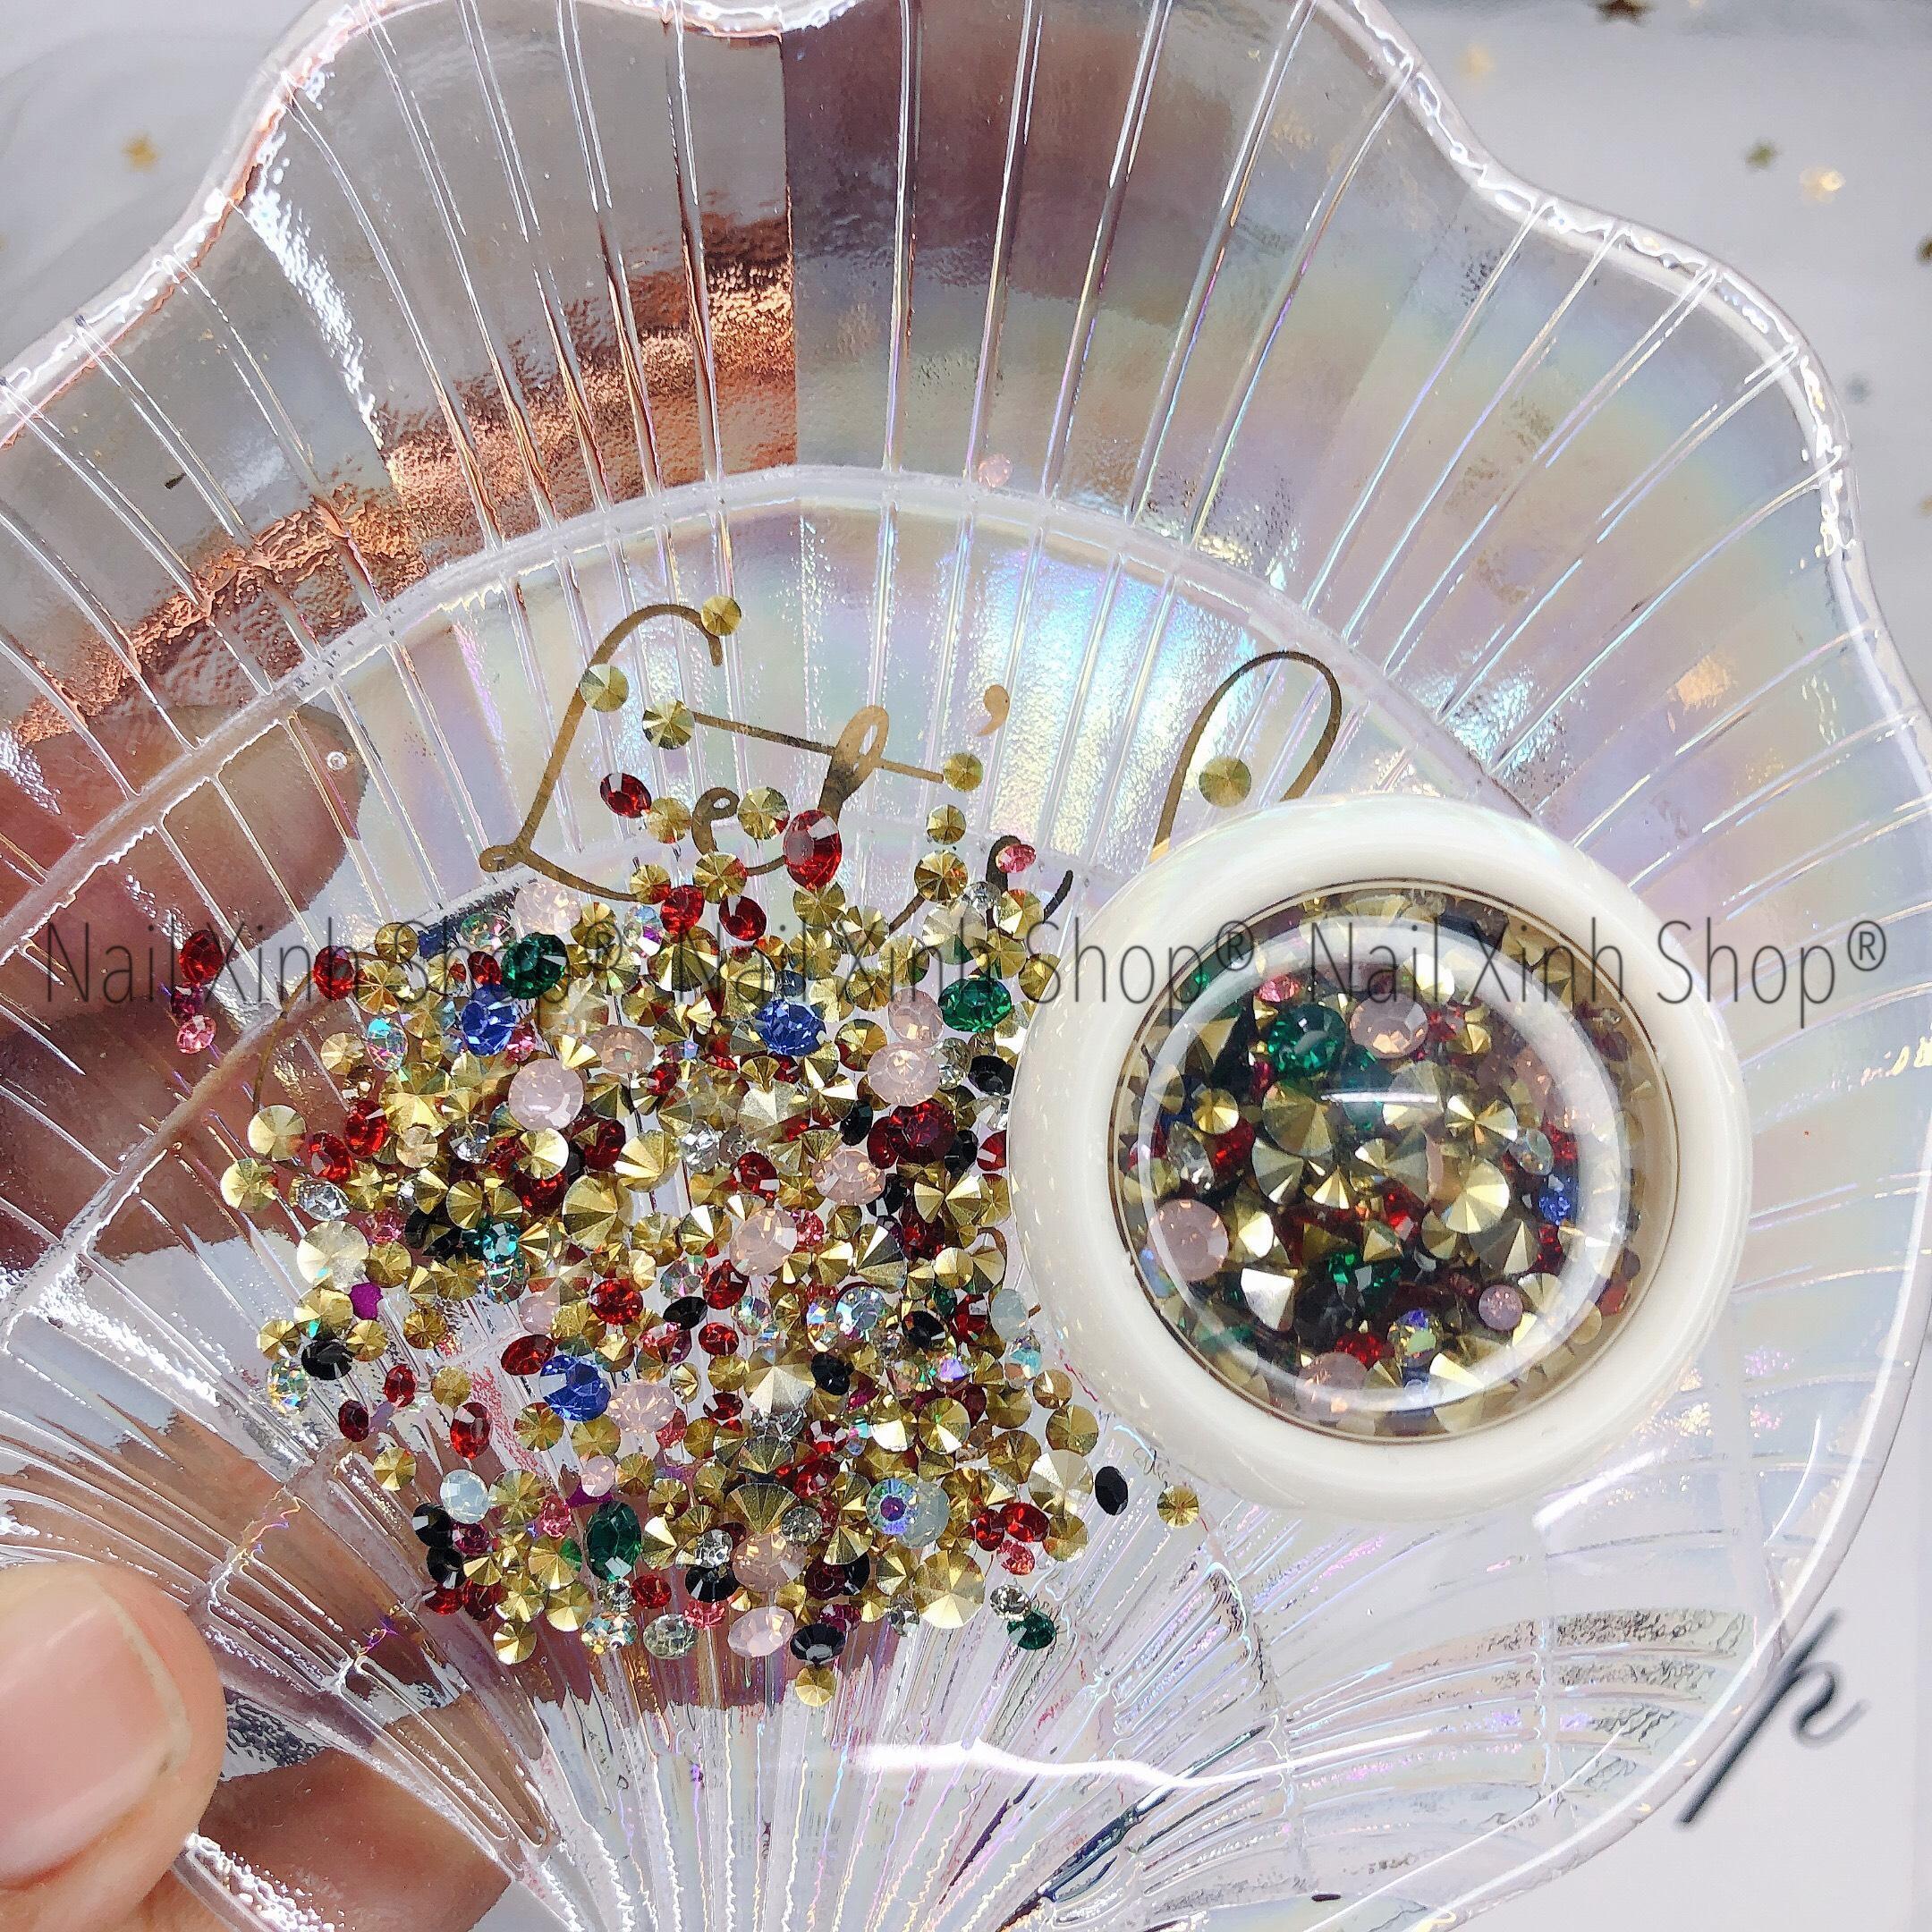 Đá nail mix charm trang trí móng tay nghệ thuật,phụ kiện nail chuyên dụng (hộp tròn trắng mix đá & phụ kiện kim loại)